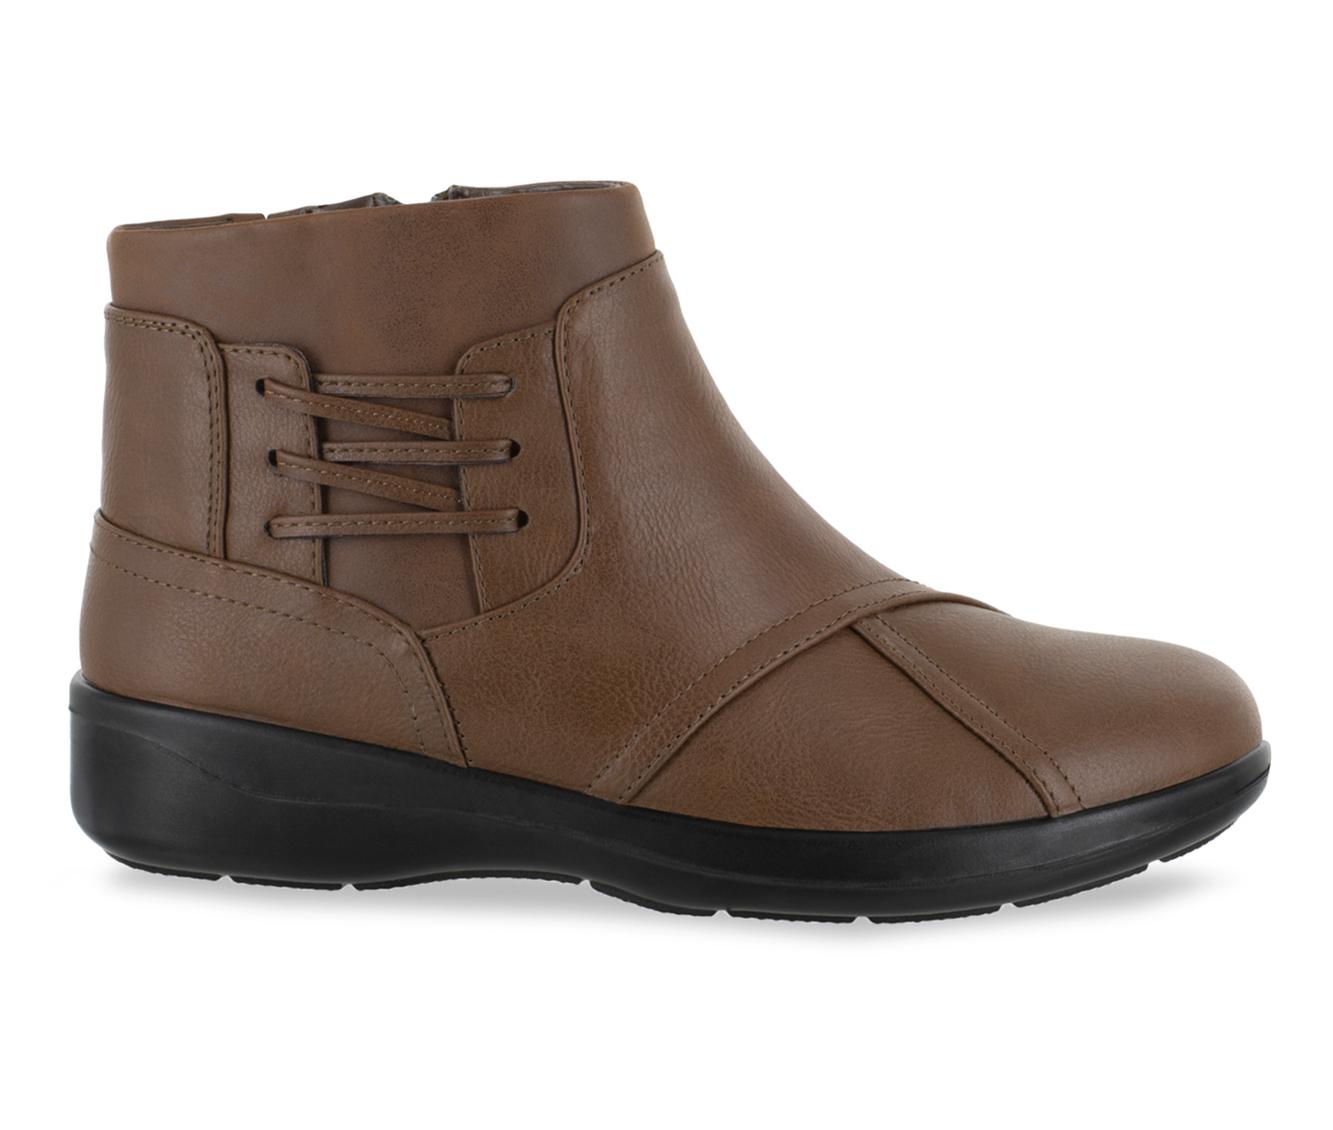 Easy Street Guild Women's Boot (Beige Faux Leather)